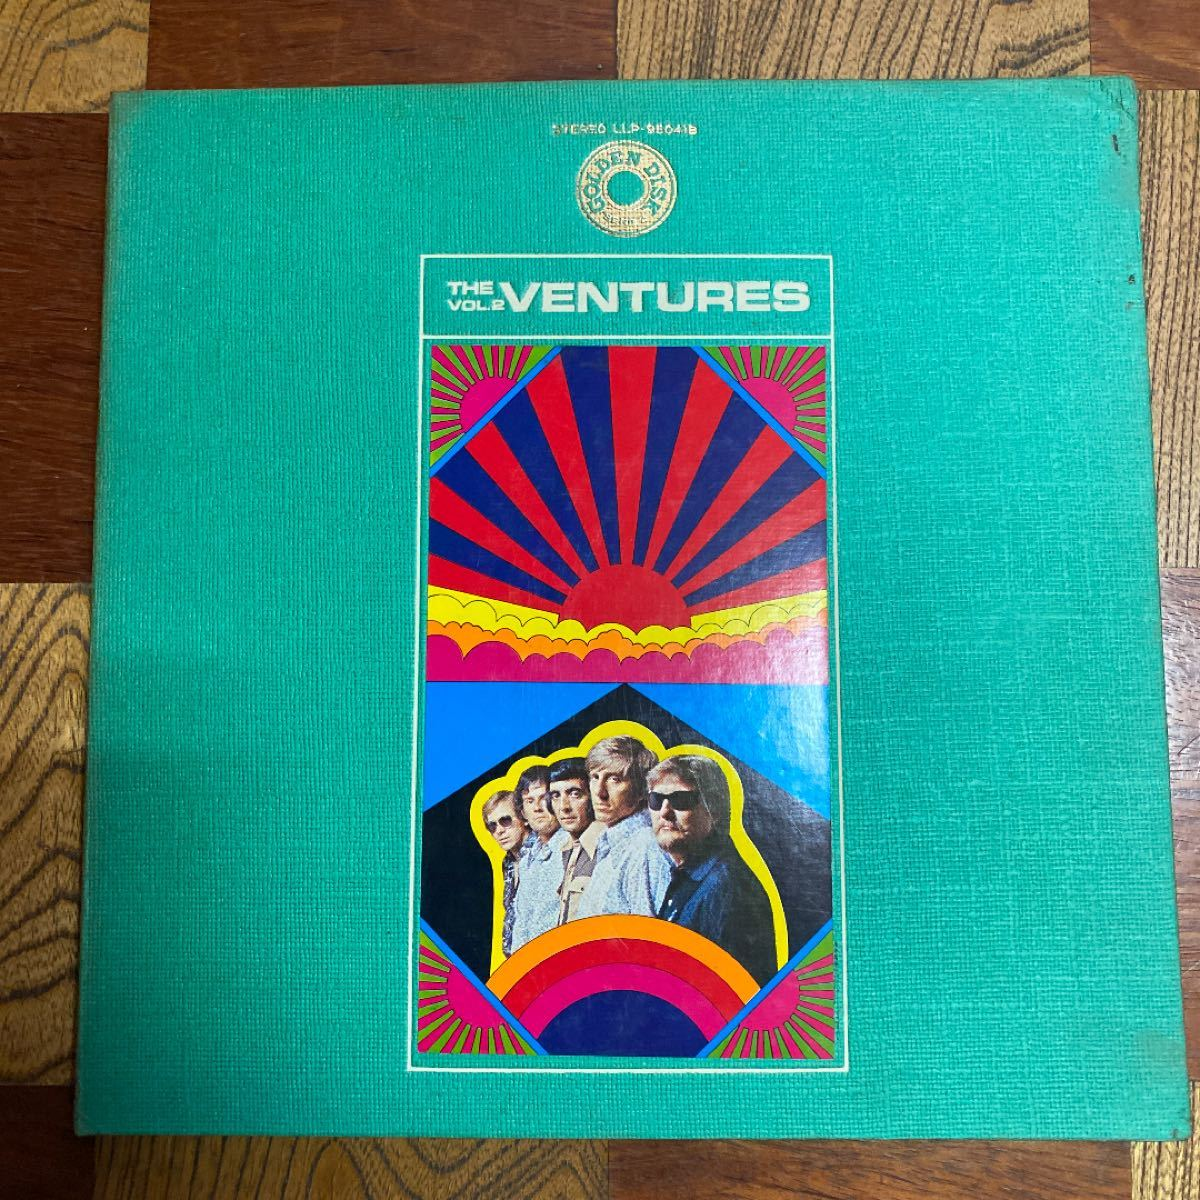 ザ・ベンチャーズ ゴールデンディスクvol.2 レコード盤